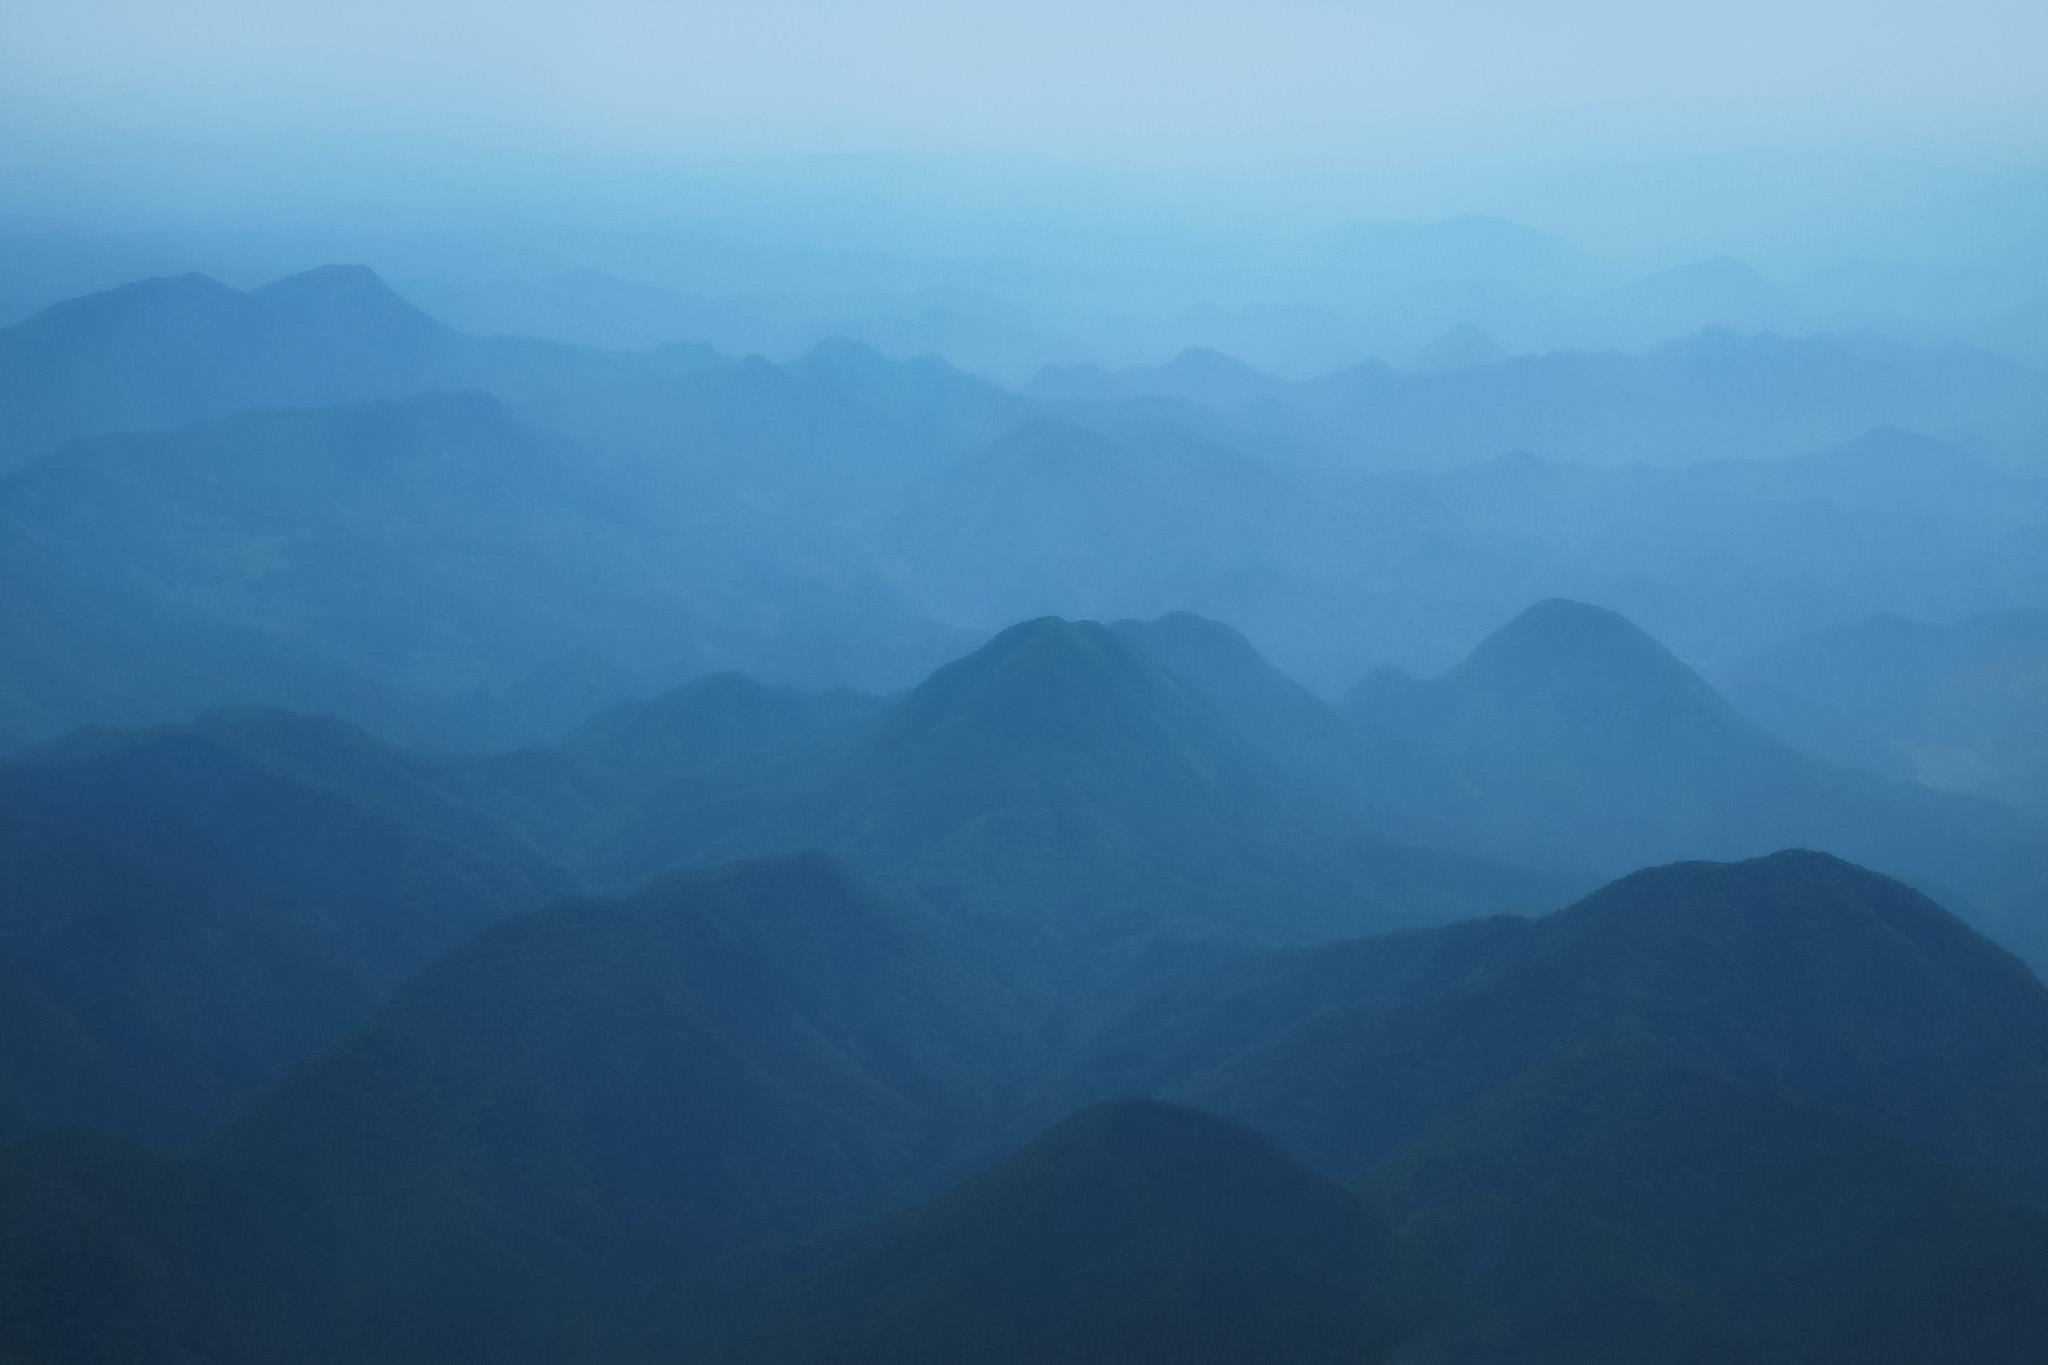 「霧で霞んだ水墨画の様な山の風景」の画像を無料ダウンロード